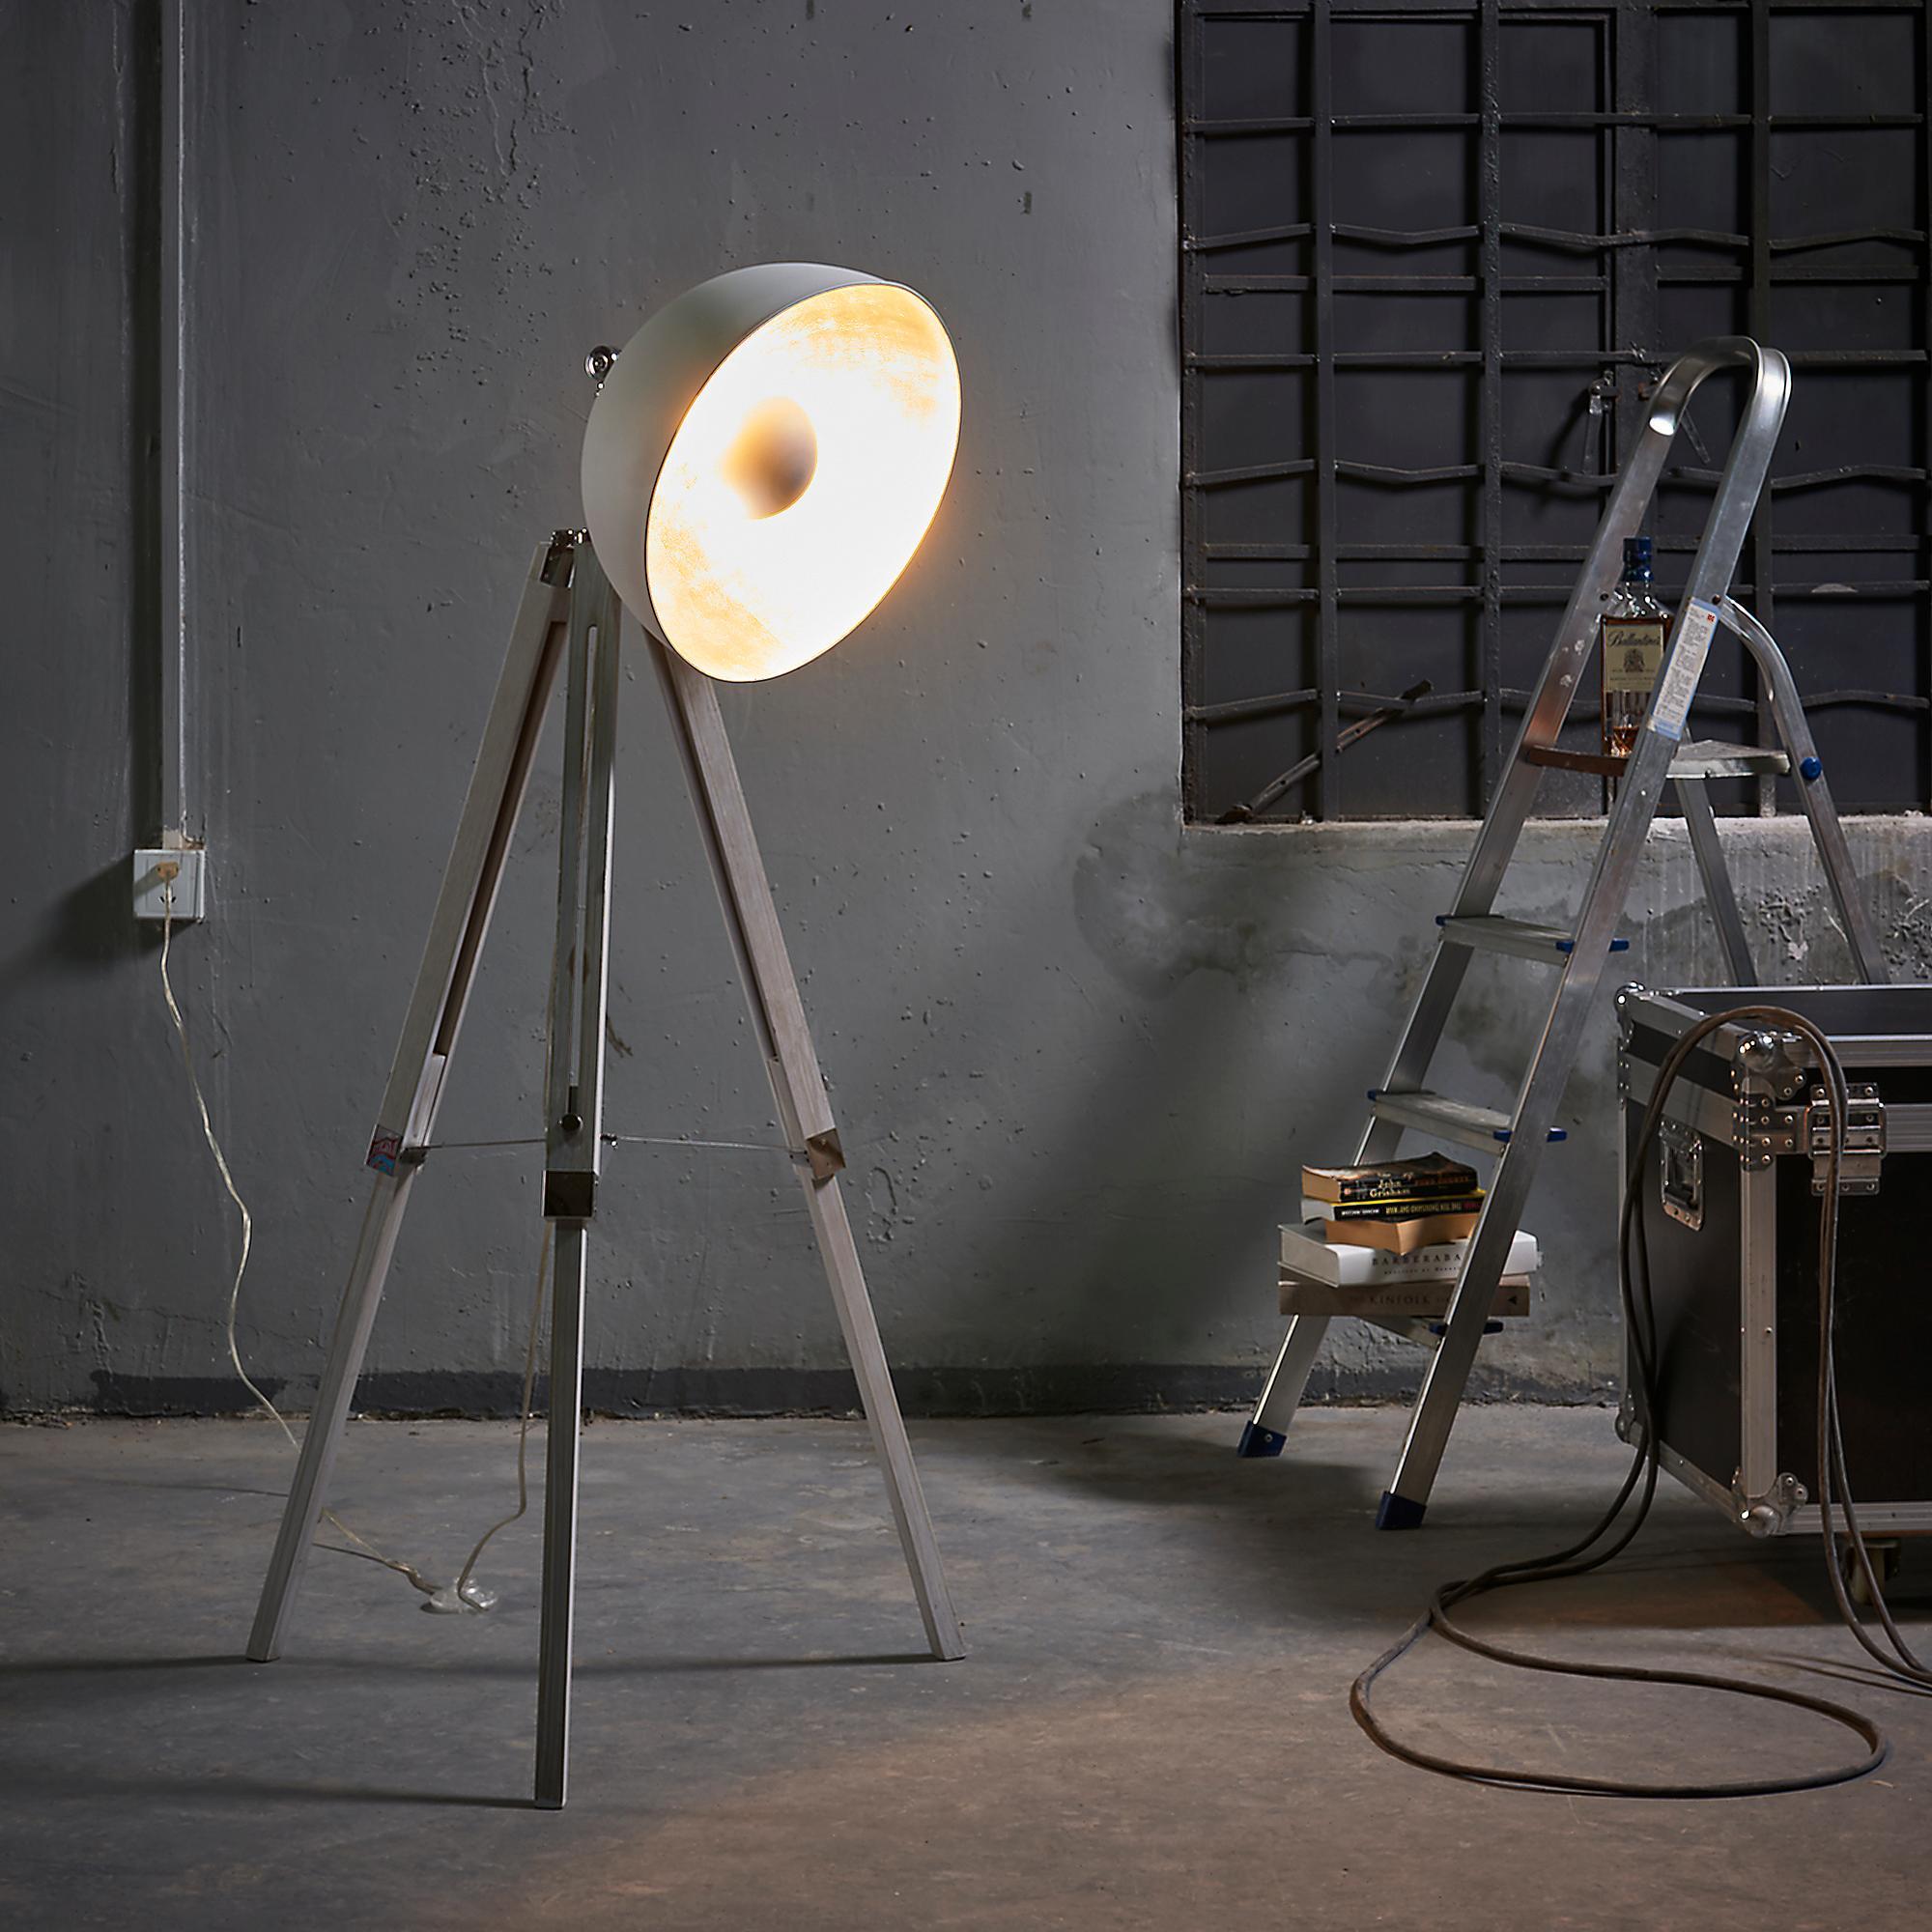 Versanora Fascino 160cm Metal Retro Studio Tripod Floor